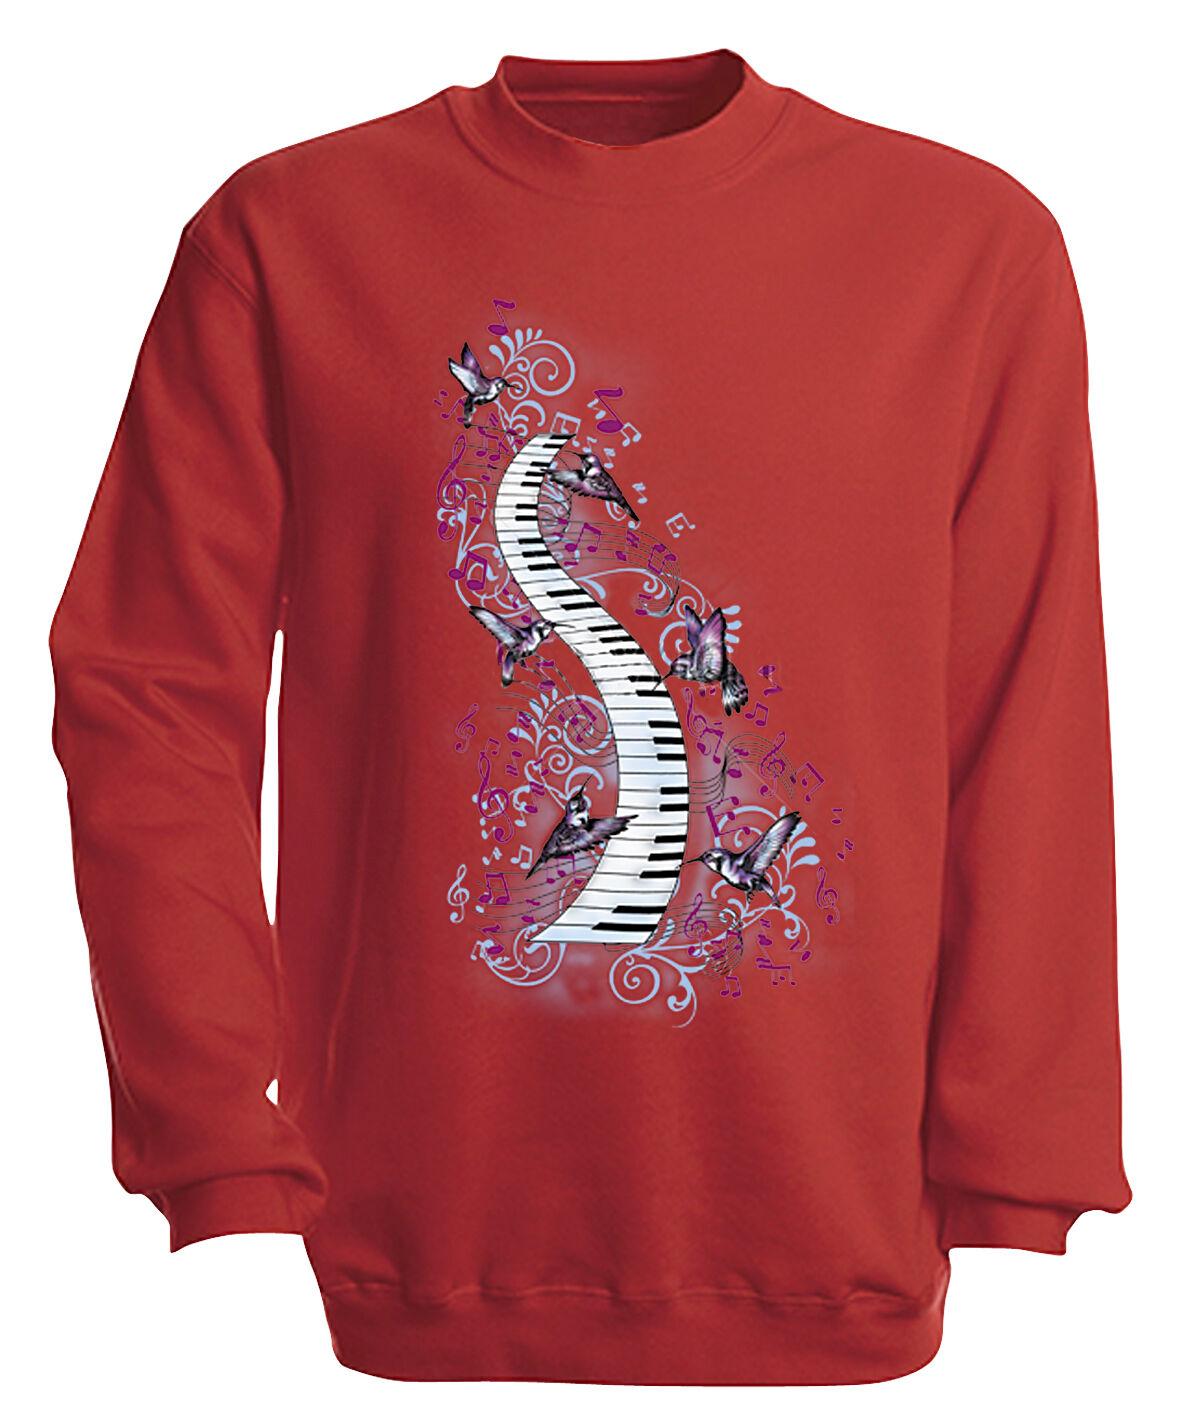 09018-1  Rosso Felpa S M L 3xl XL XXL 3xl L 4xl musica shirts-TASTI PIANOFORTE a720a2